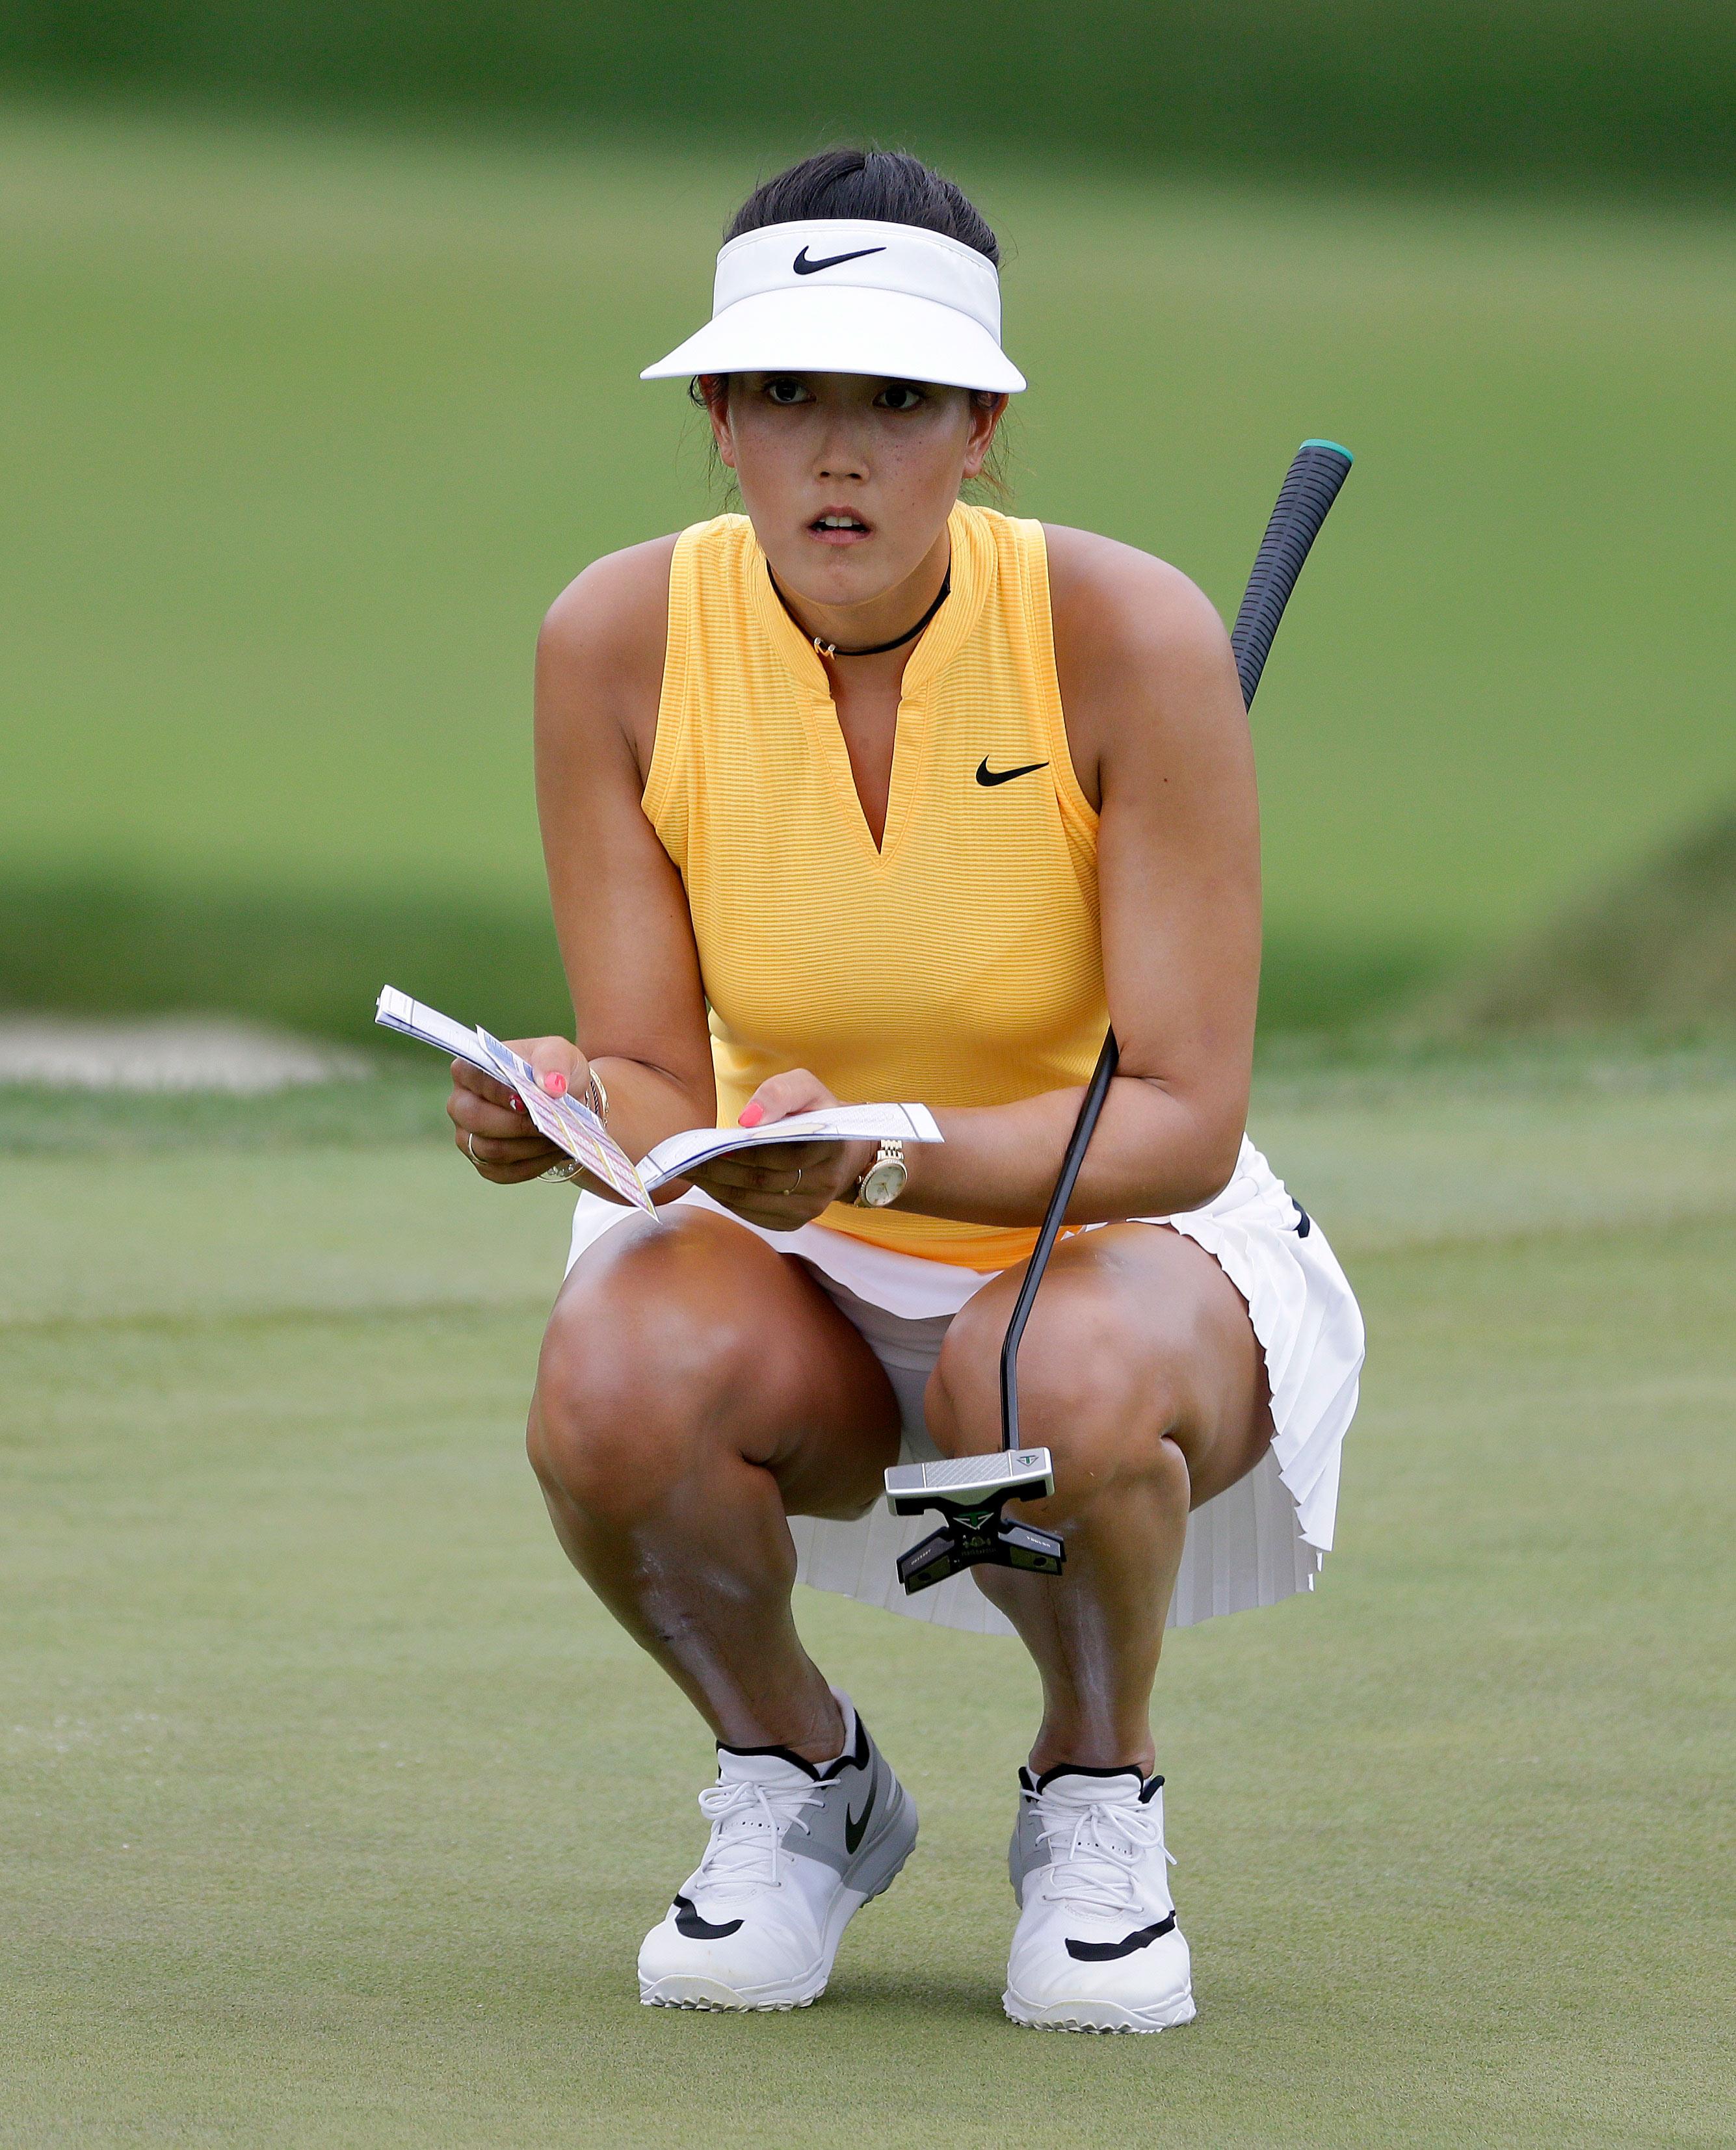 Michelle Wie y su minifalda, durante el  U.S. Women's Open. Foto AP.